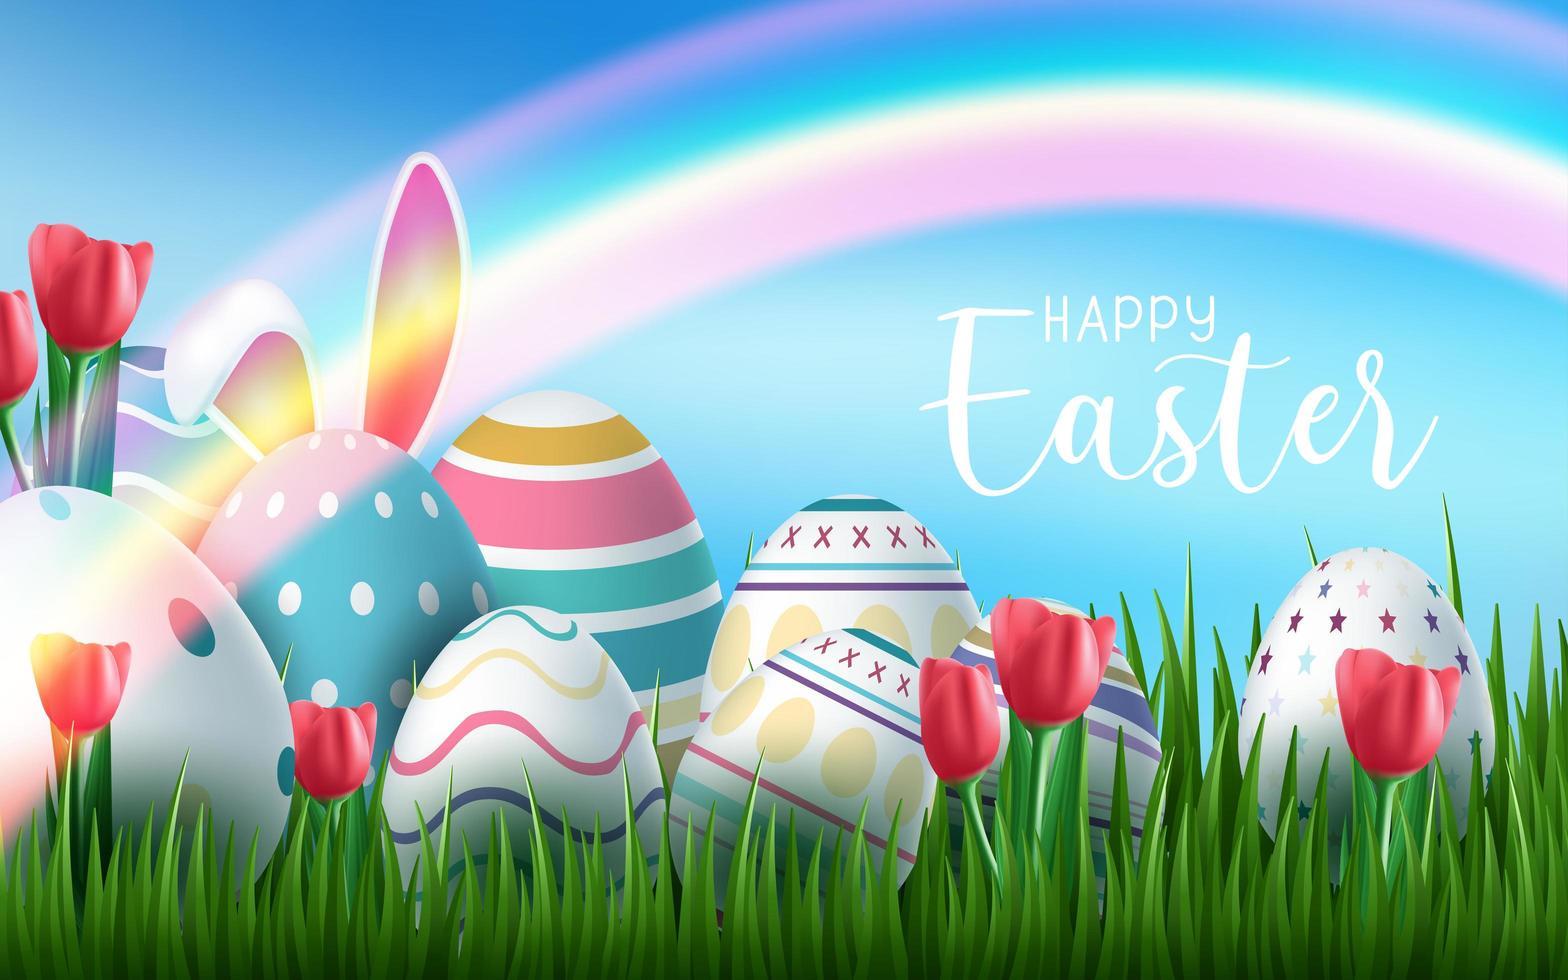 glada påskhälsningar med. påskägg och regnbåge vektor